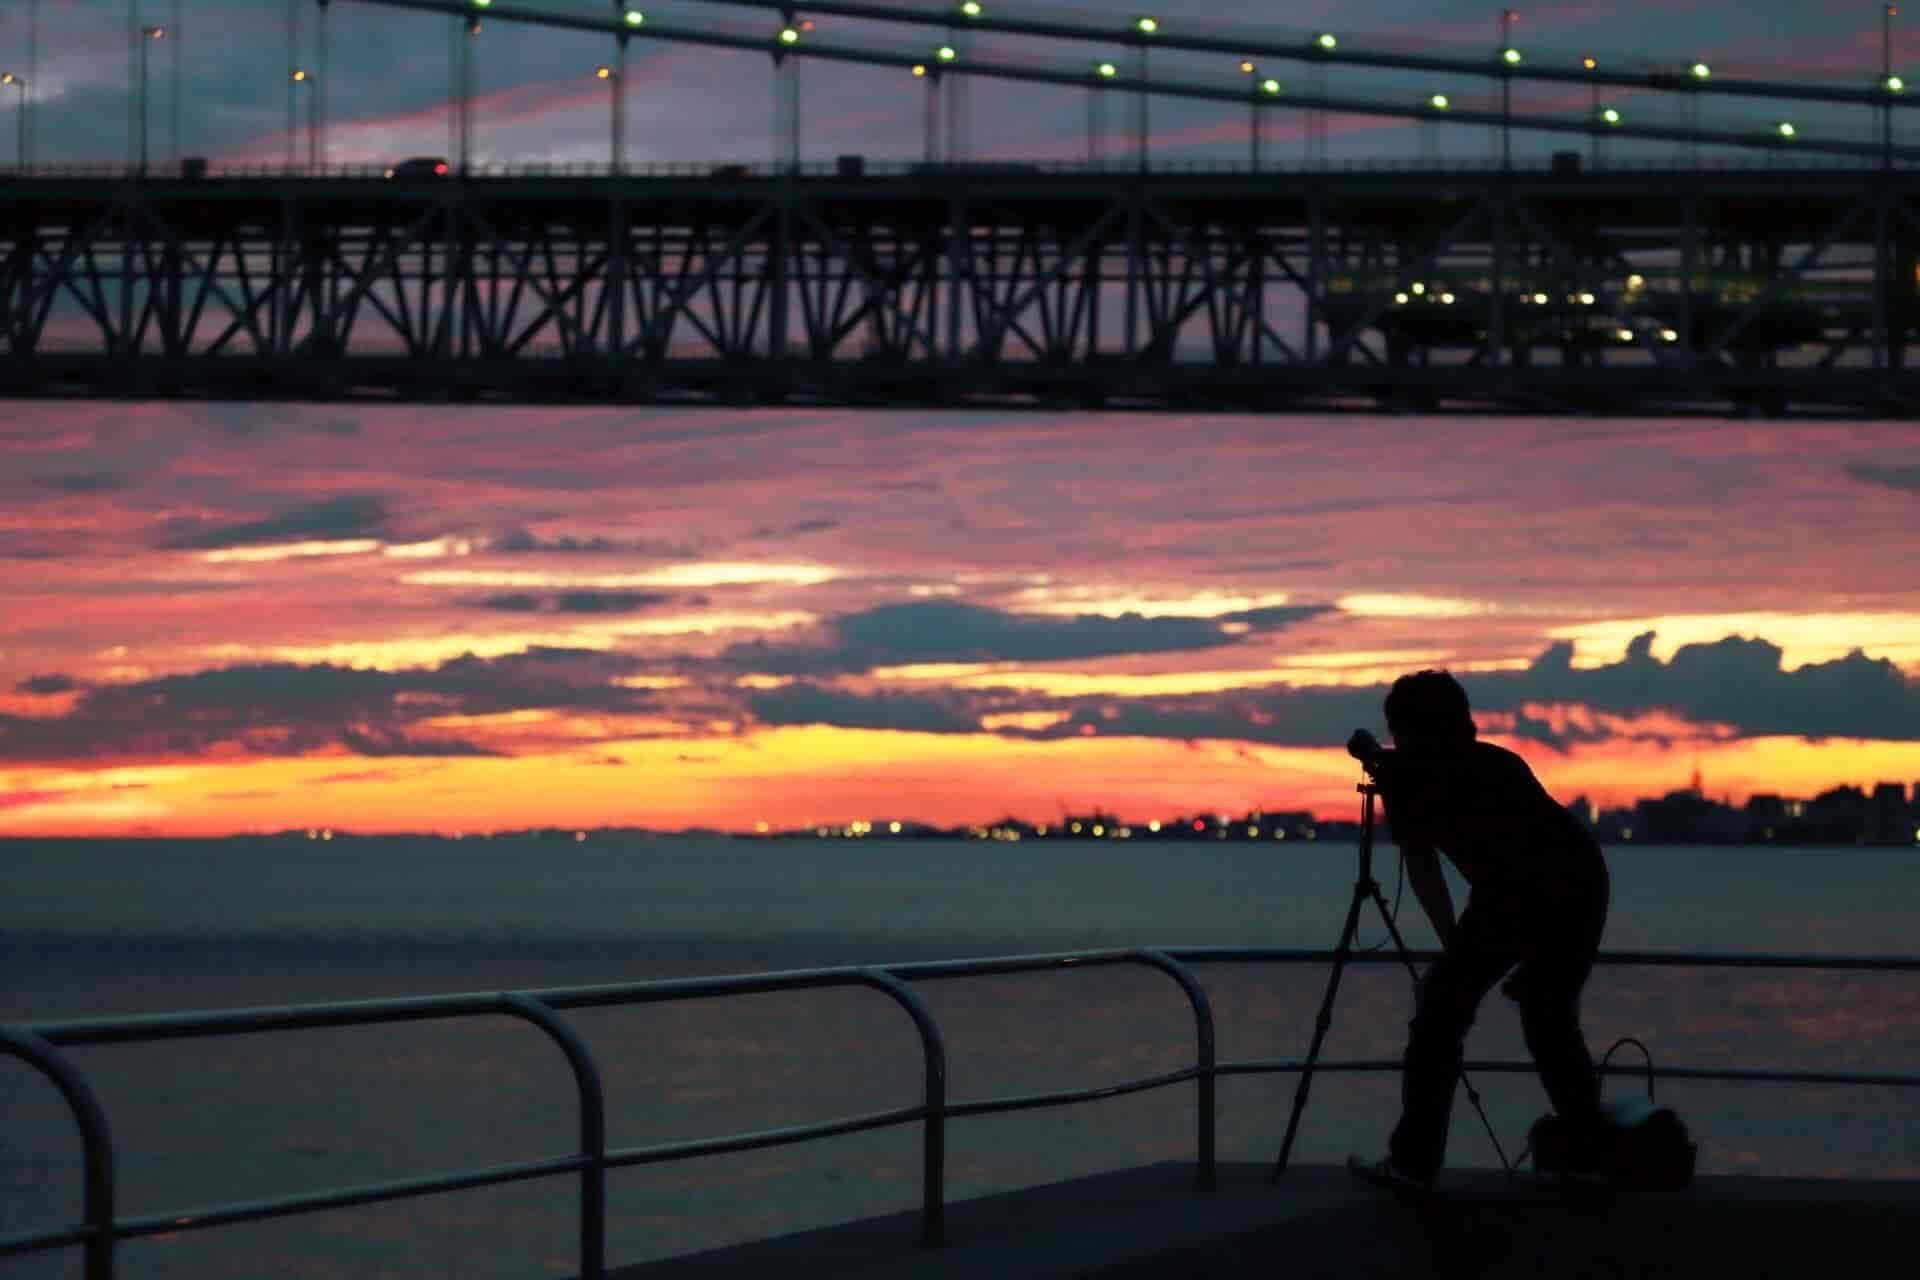 ラブ探偵事務所と他社の茨城県常陸太田市での夜間暗視撮影